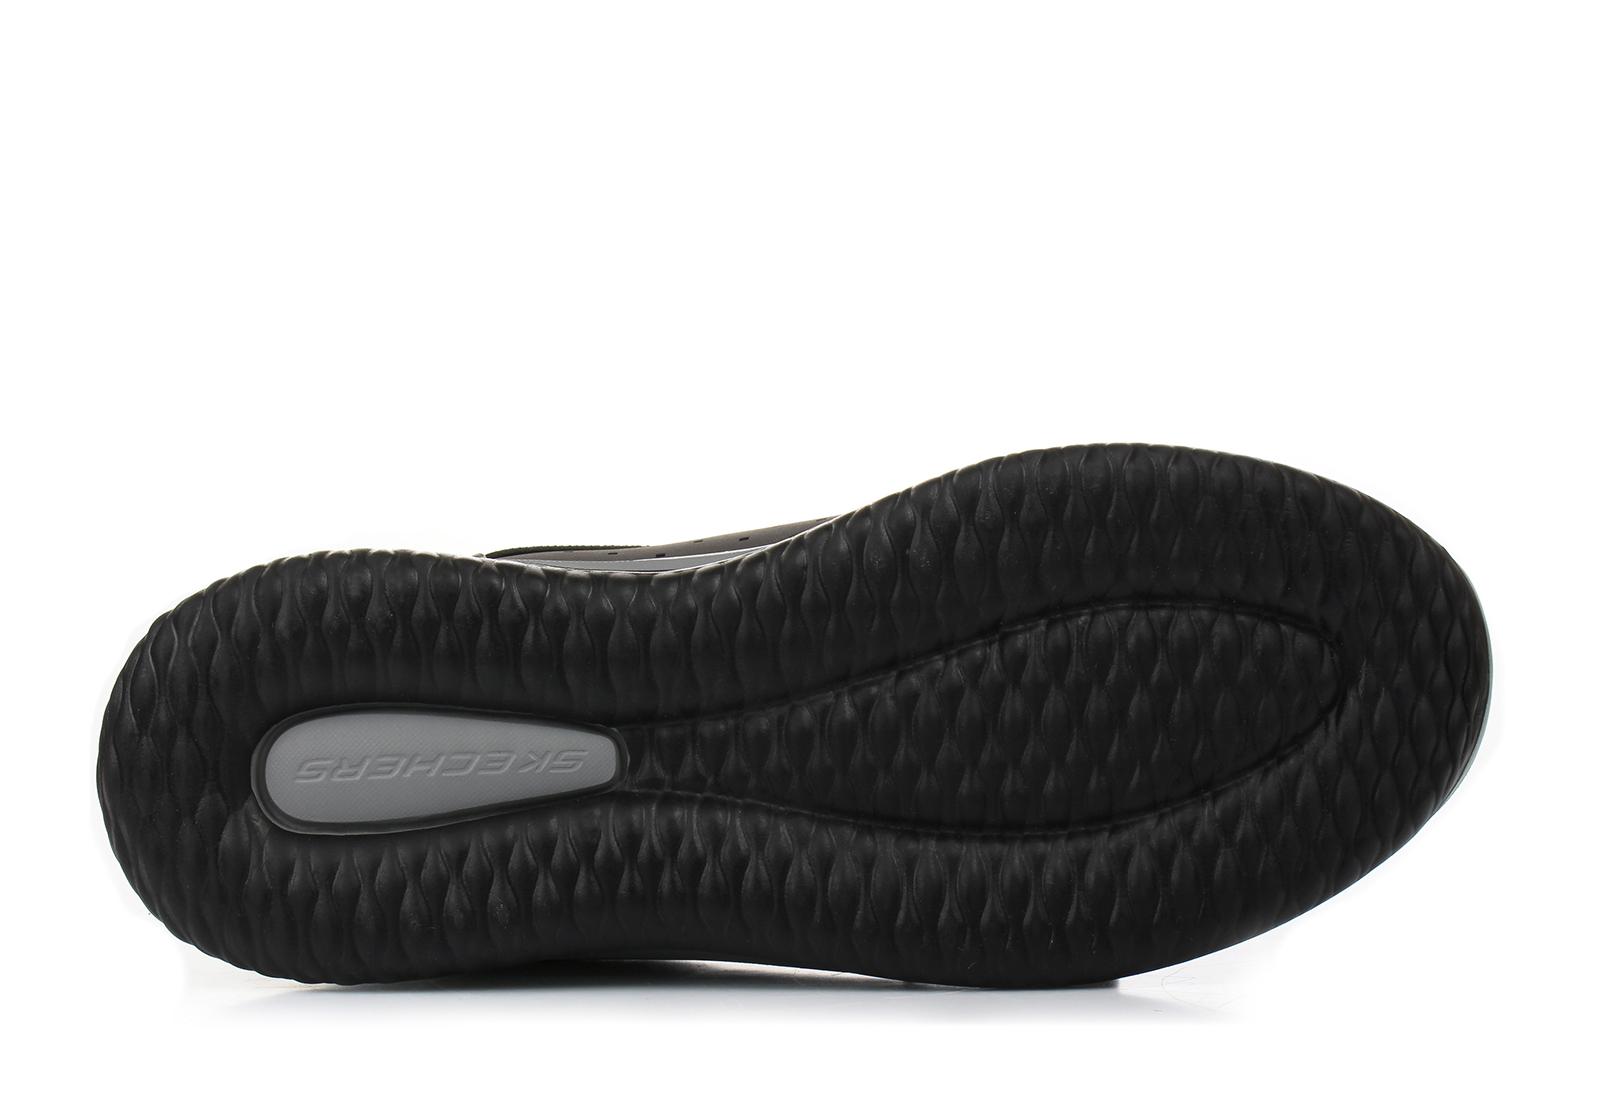 Skechers Cipő - Delson - Camben - 65474-bkgy - Office Shoes Magyarország a11f8698d0